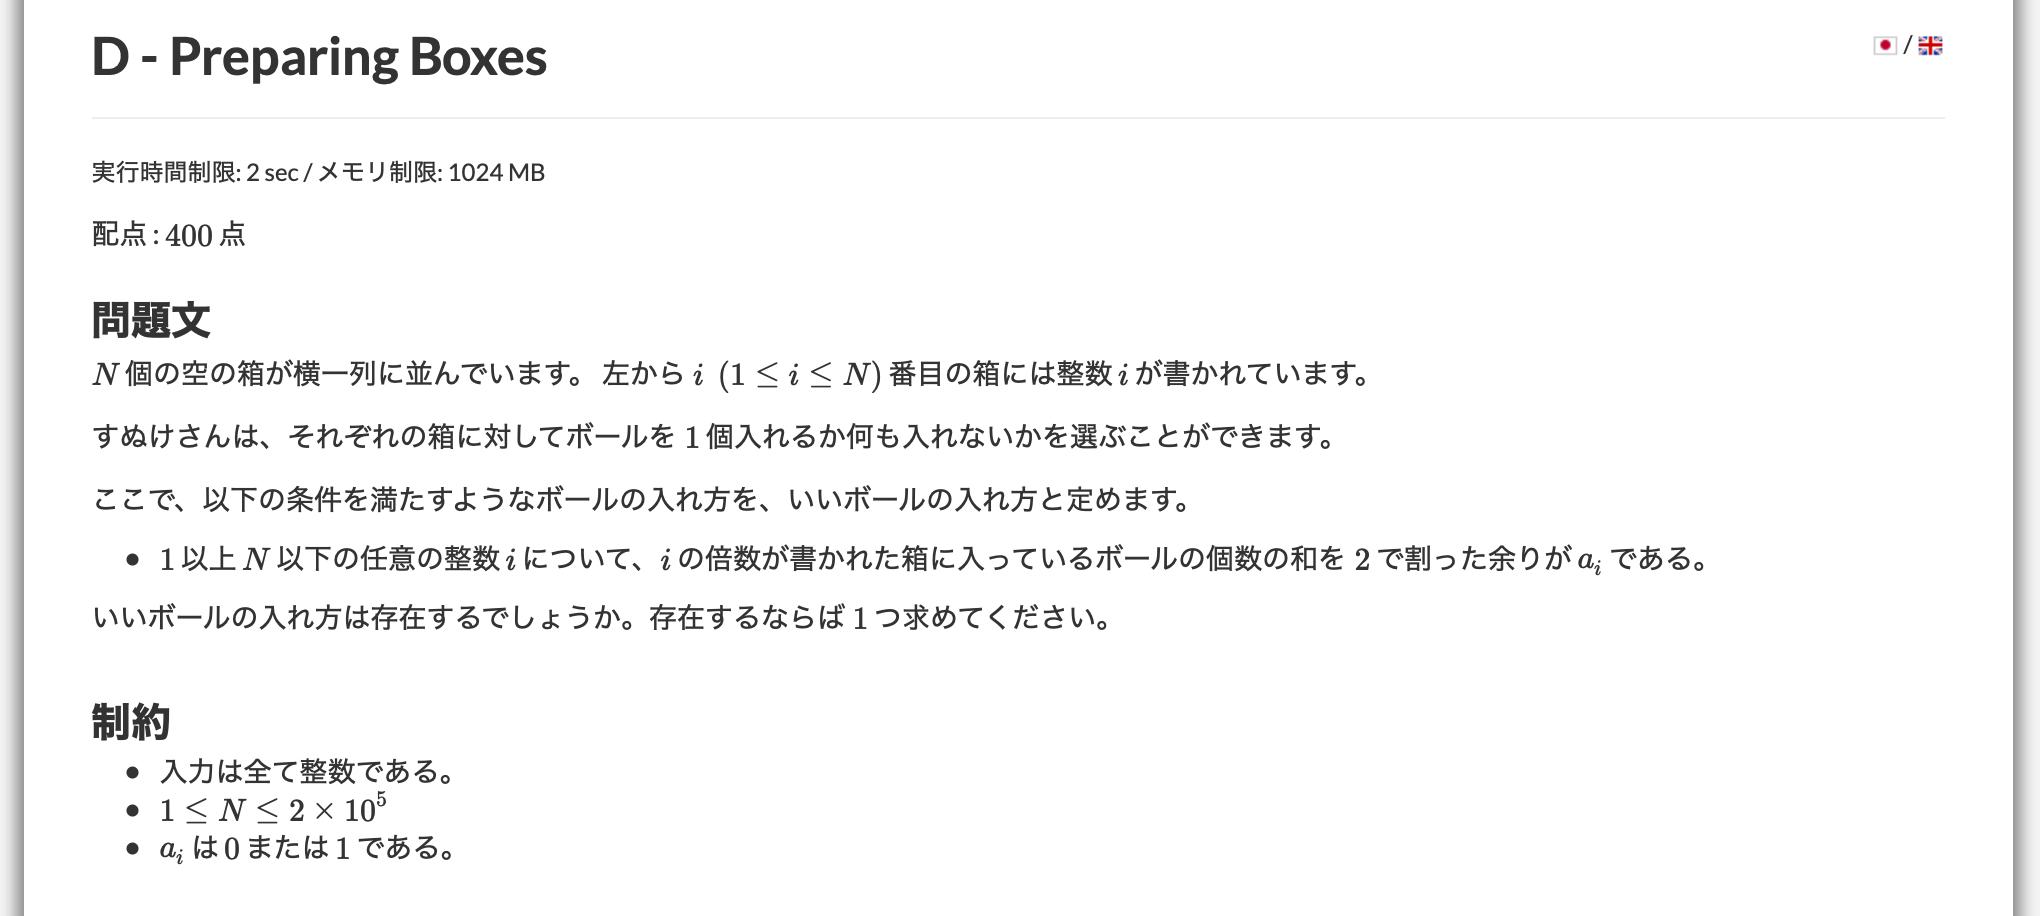 スクリーンショット 2020-02-11 11.38.49.png